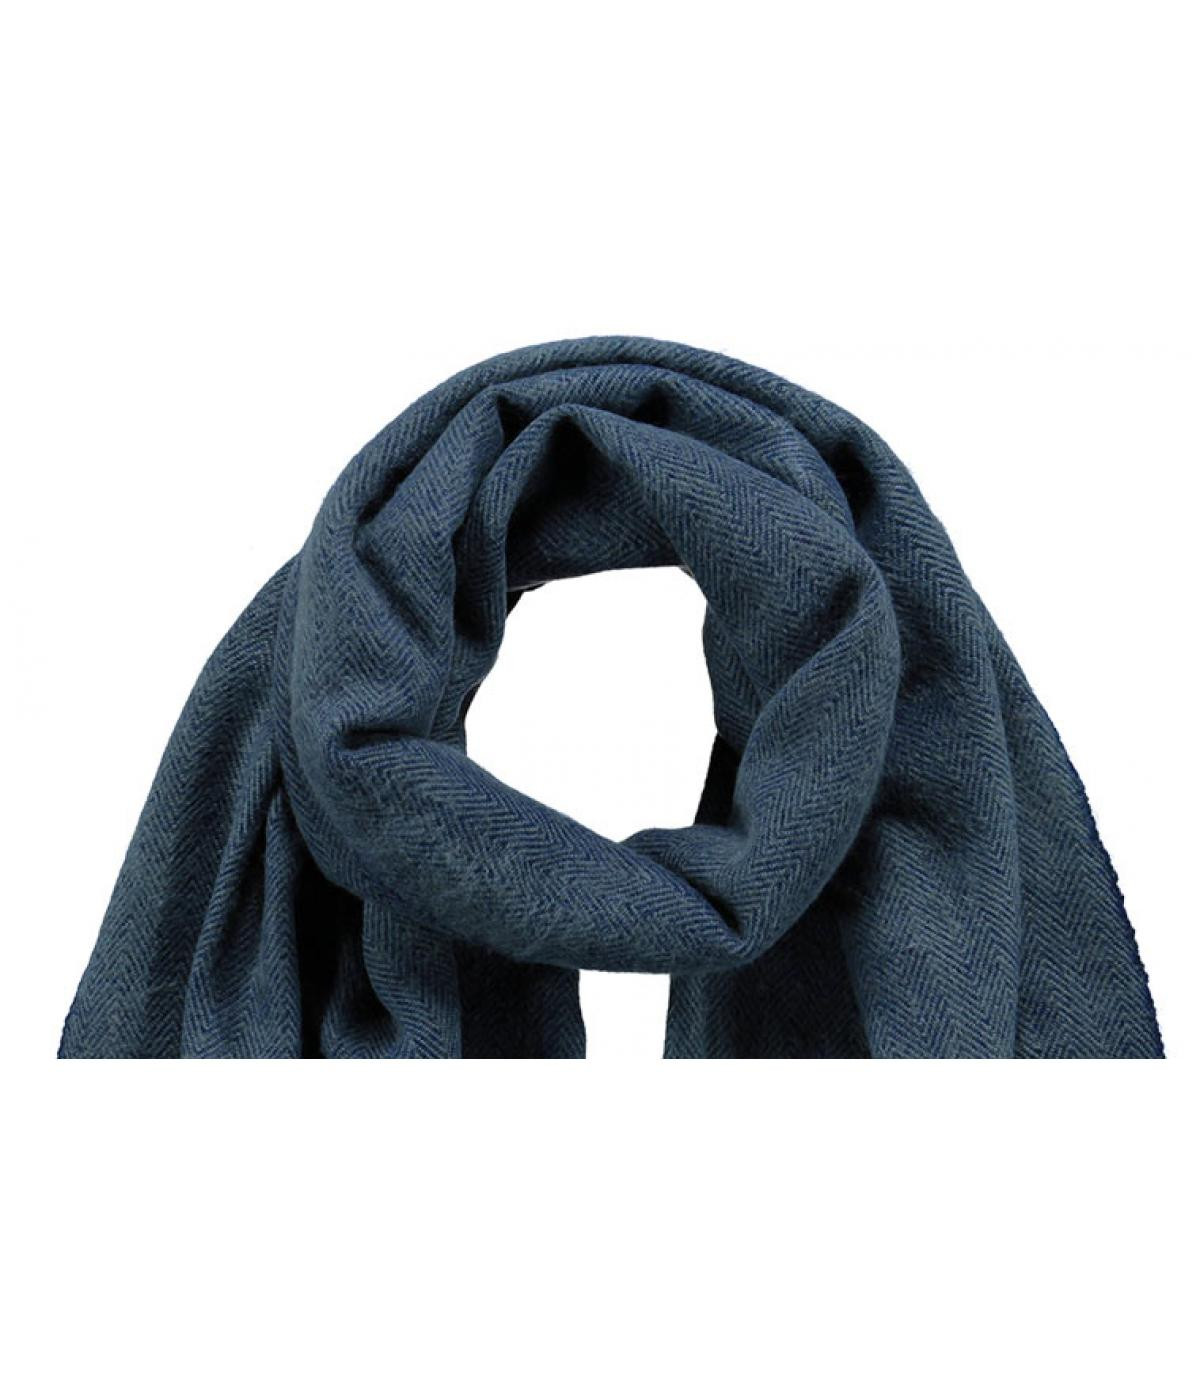 Echarpe homme bleu marine - Soho scarf navy Barts - image 1 ... c1e9b3cabb0